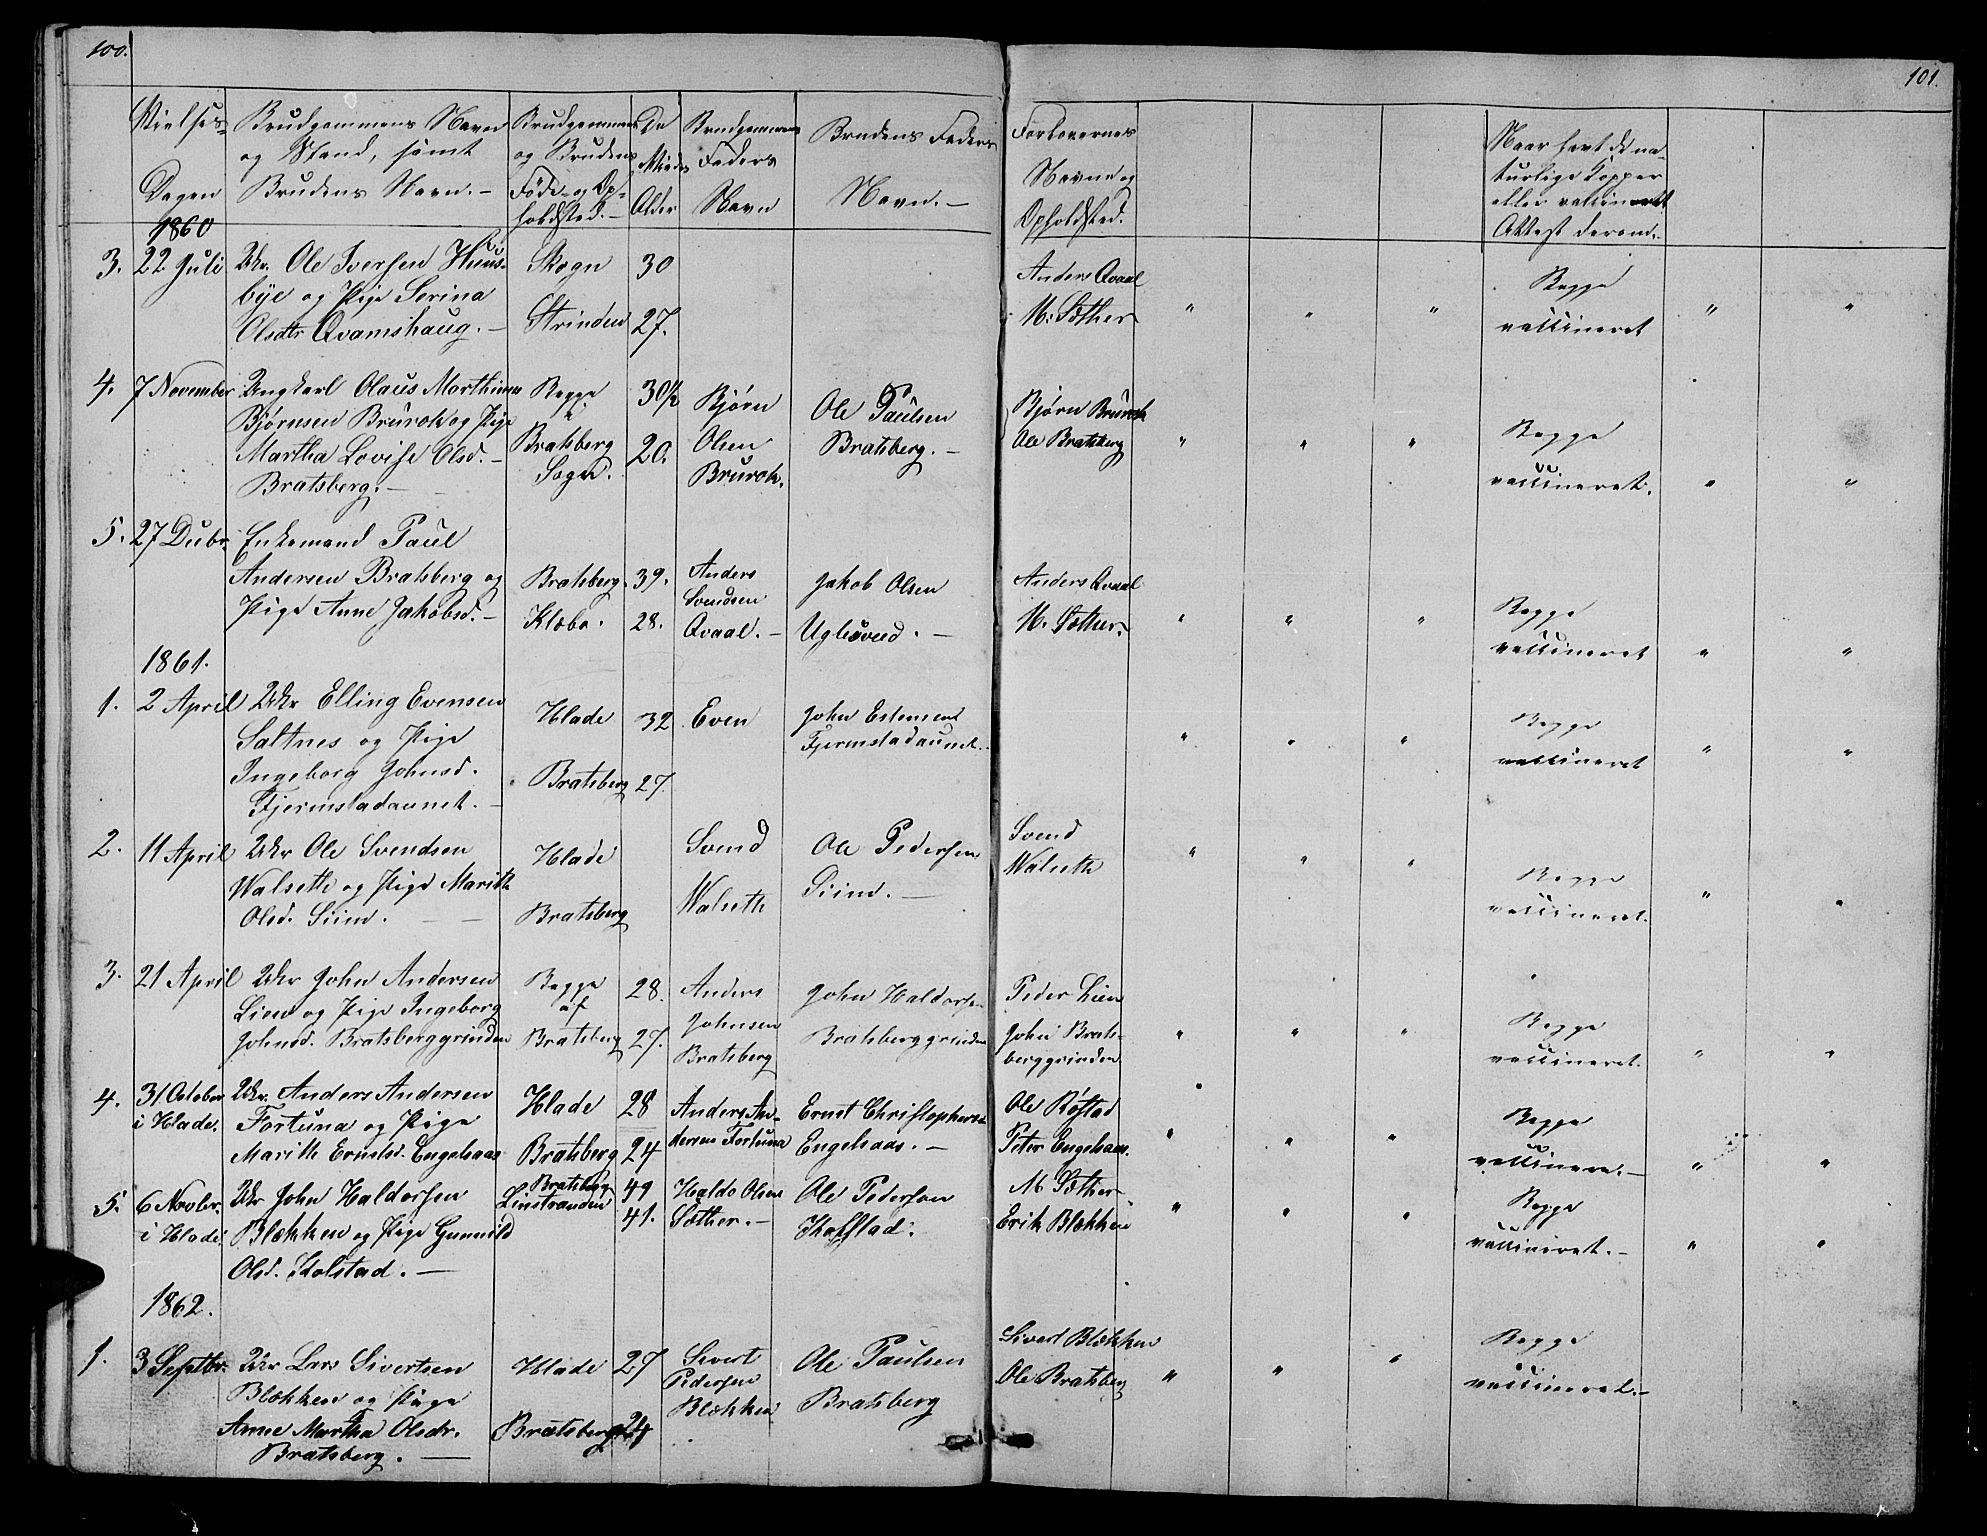 SAT, Ministerialprotokoller, klokkerbøker og fødselsregistre - Sør-Trøndelag, 608/L0339: Klokkerbok nr. 608C05, 1844-1863, s. 100-101